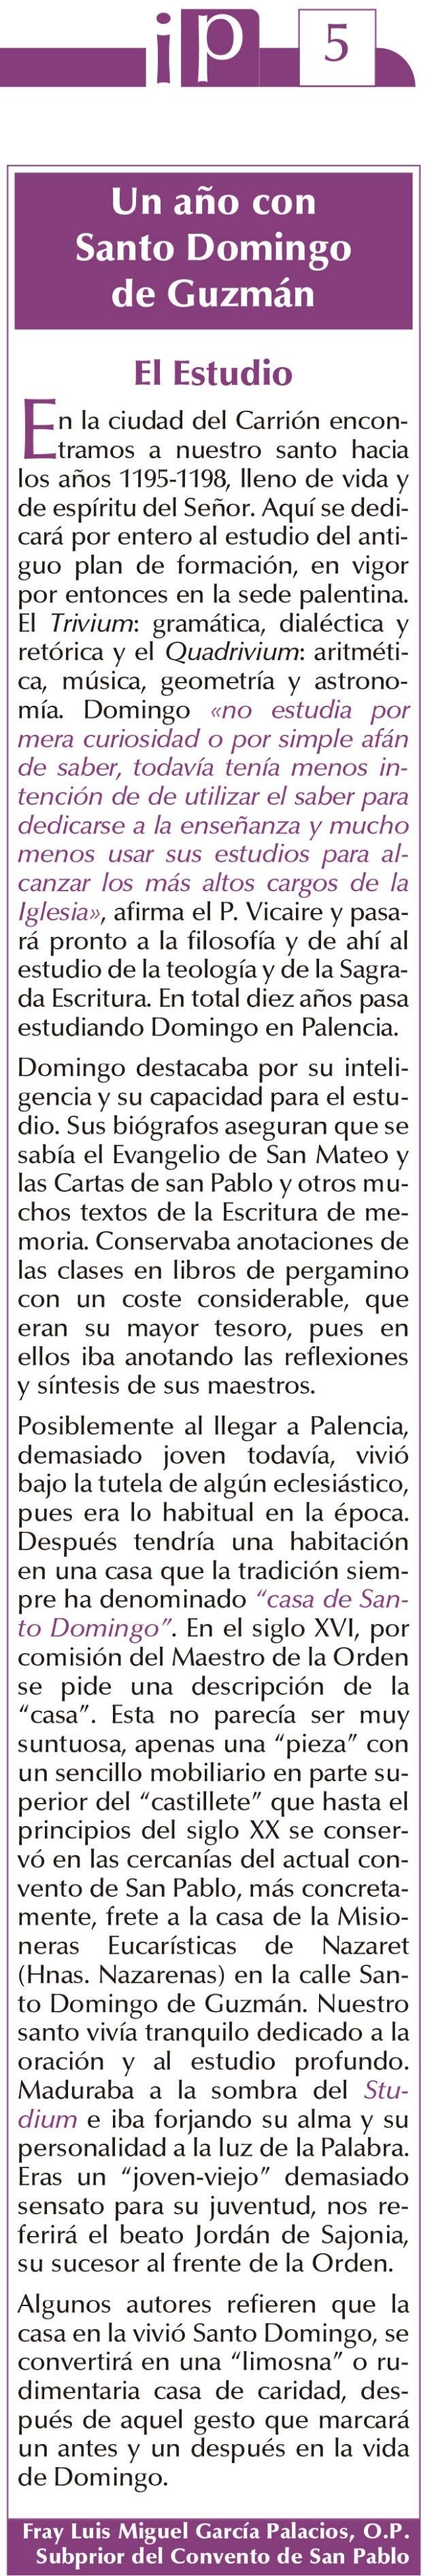 Un año con Santo Domingo de Guzmán. El estudio.